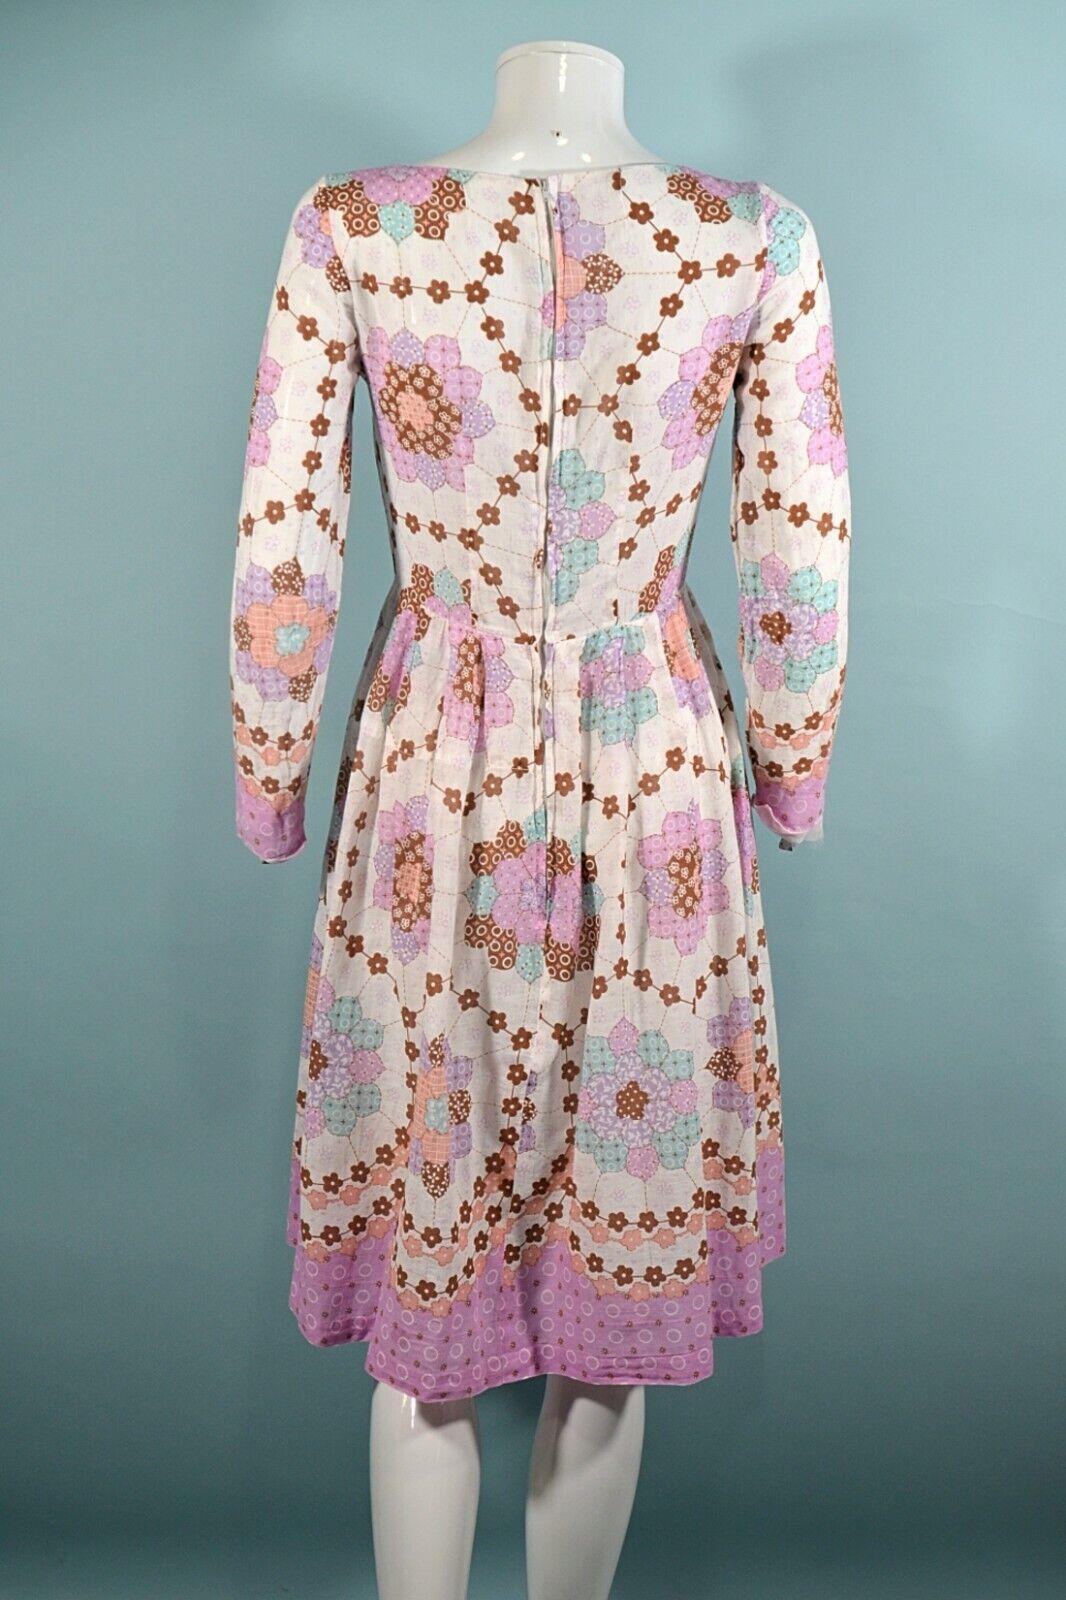 Vintage 60s/70s Faux Patchwork Hippie Dress, Cott… - image 7